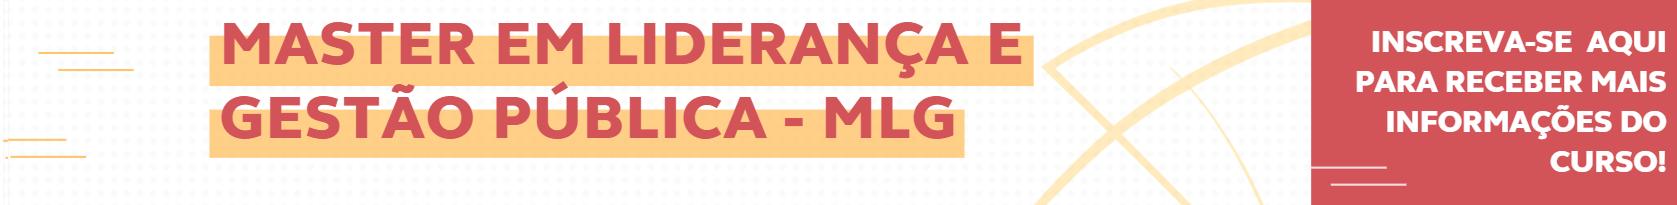 Banner Master em Liderança e Gestão Pública - MLG